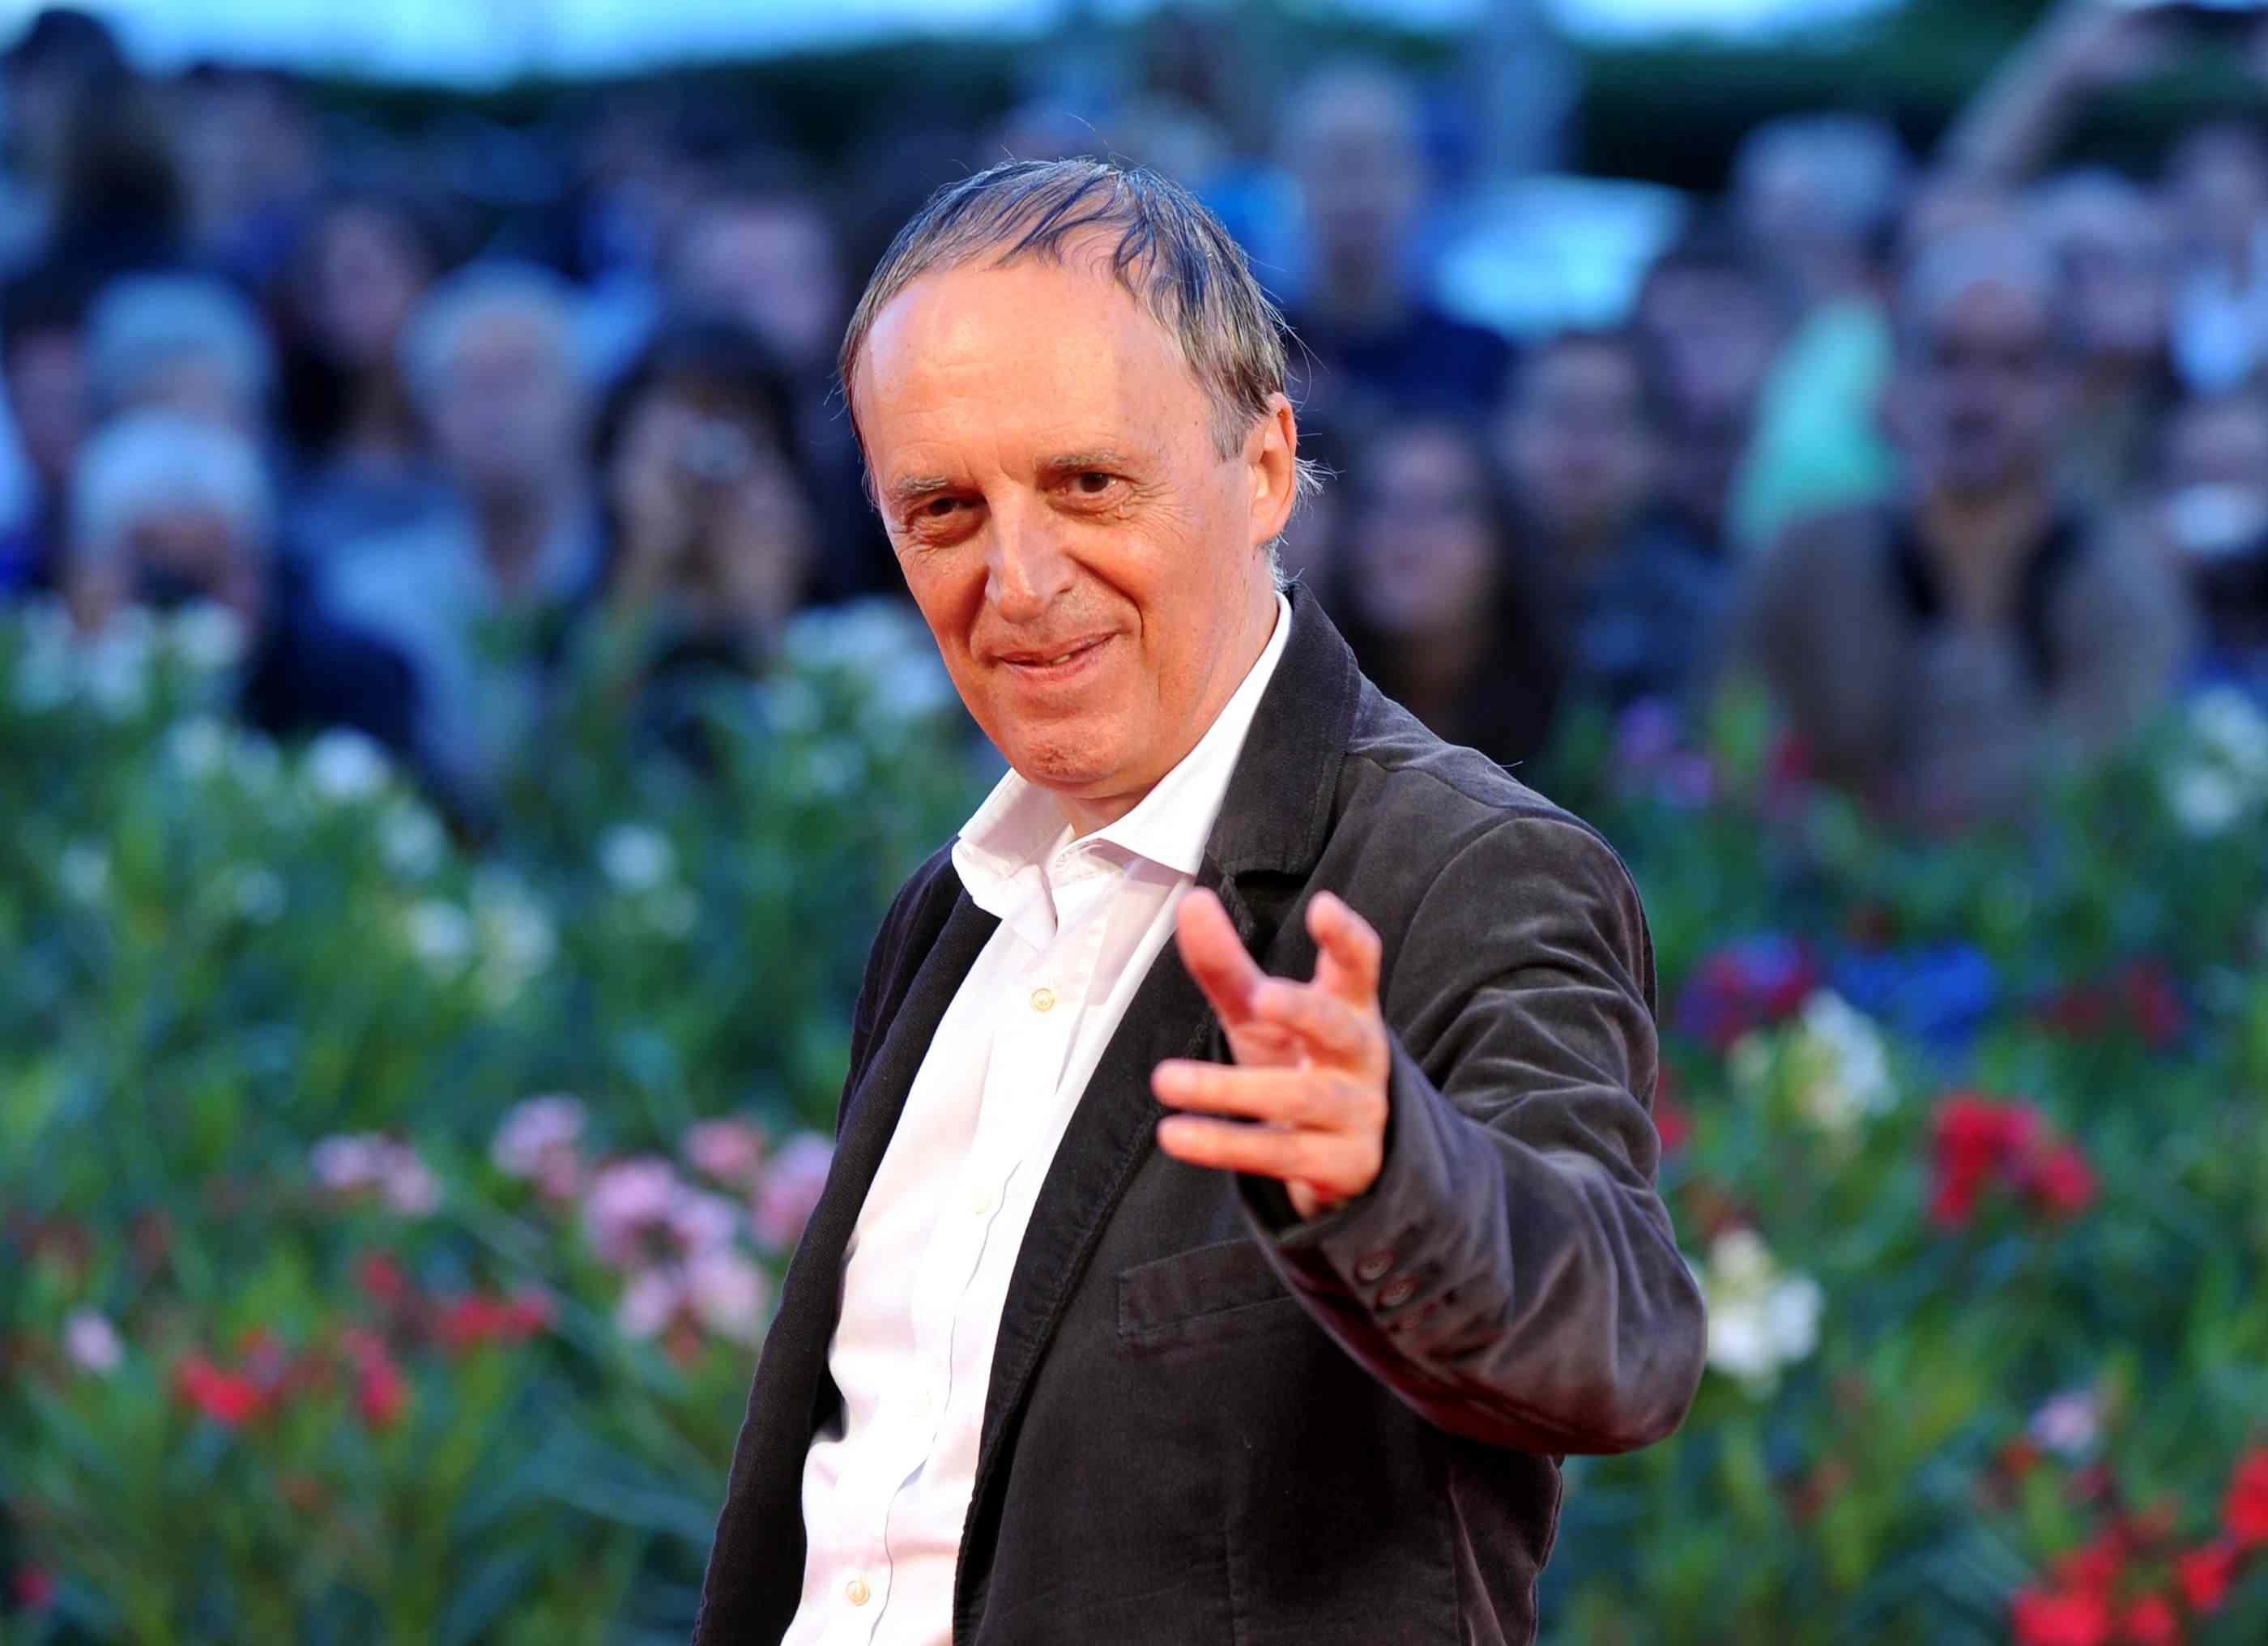 Sarà Dario Argento il protagonista della prossima edizione del Roma Film Festival (RFF), lo ha annunciato il Presidente Adriano Pintaldi. Dopo Franco Zeffirelli, Stefania Sandrelli e Christian De Sica, […]